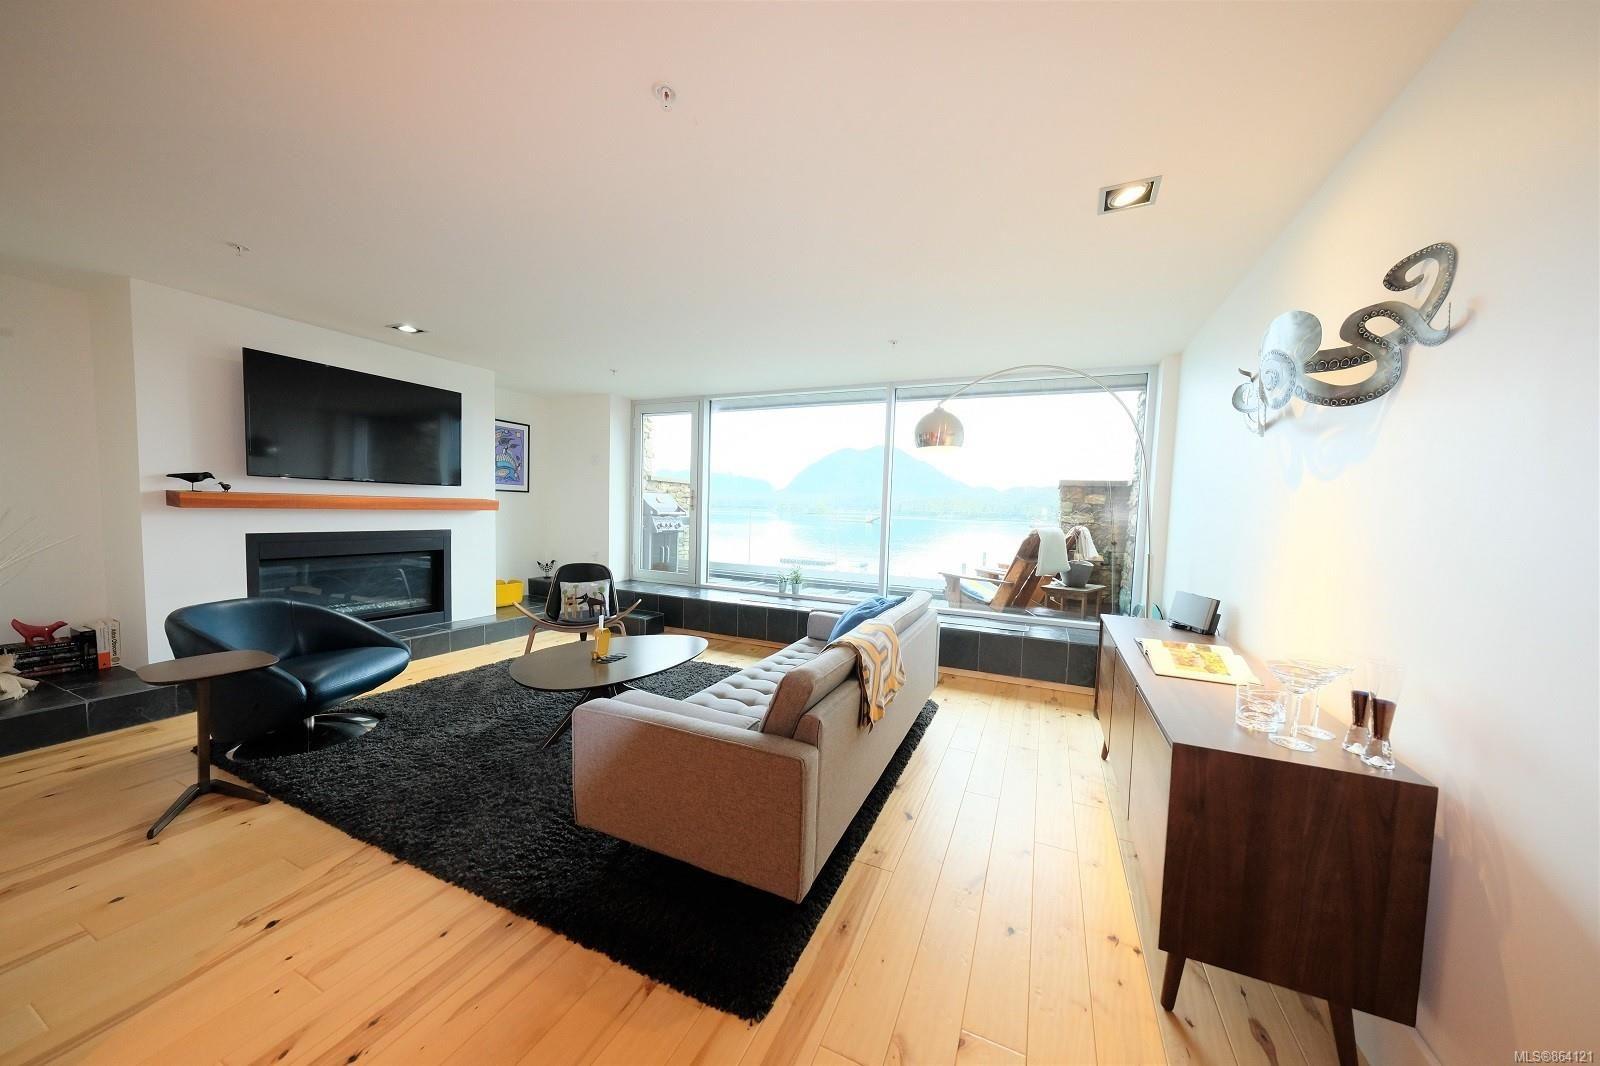 Main Photo: 203 368 MAIN St in : PA Tofino Condo for sale (Port Alberni)  : MLS®# 864121